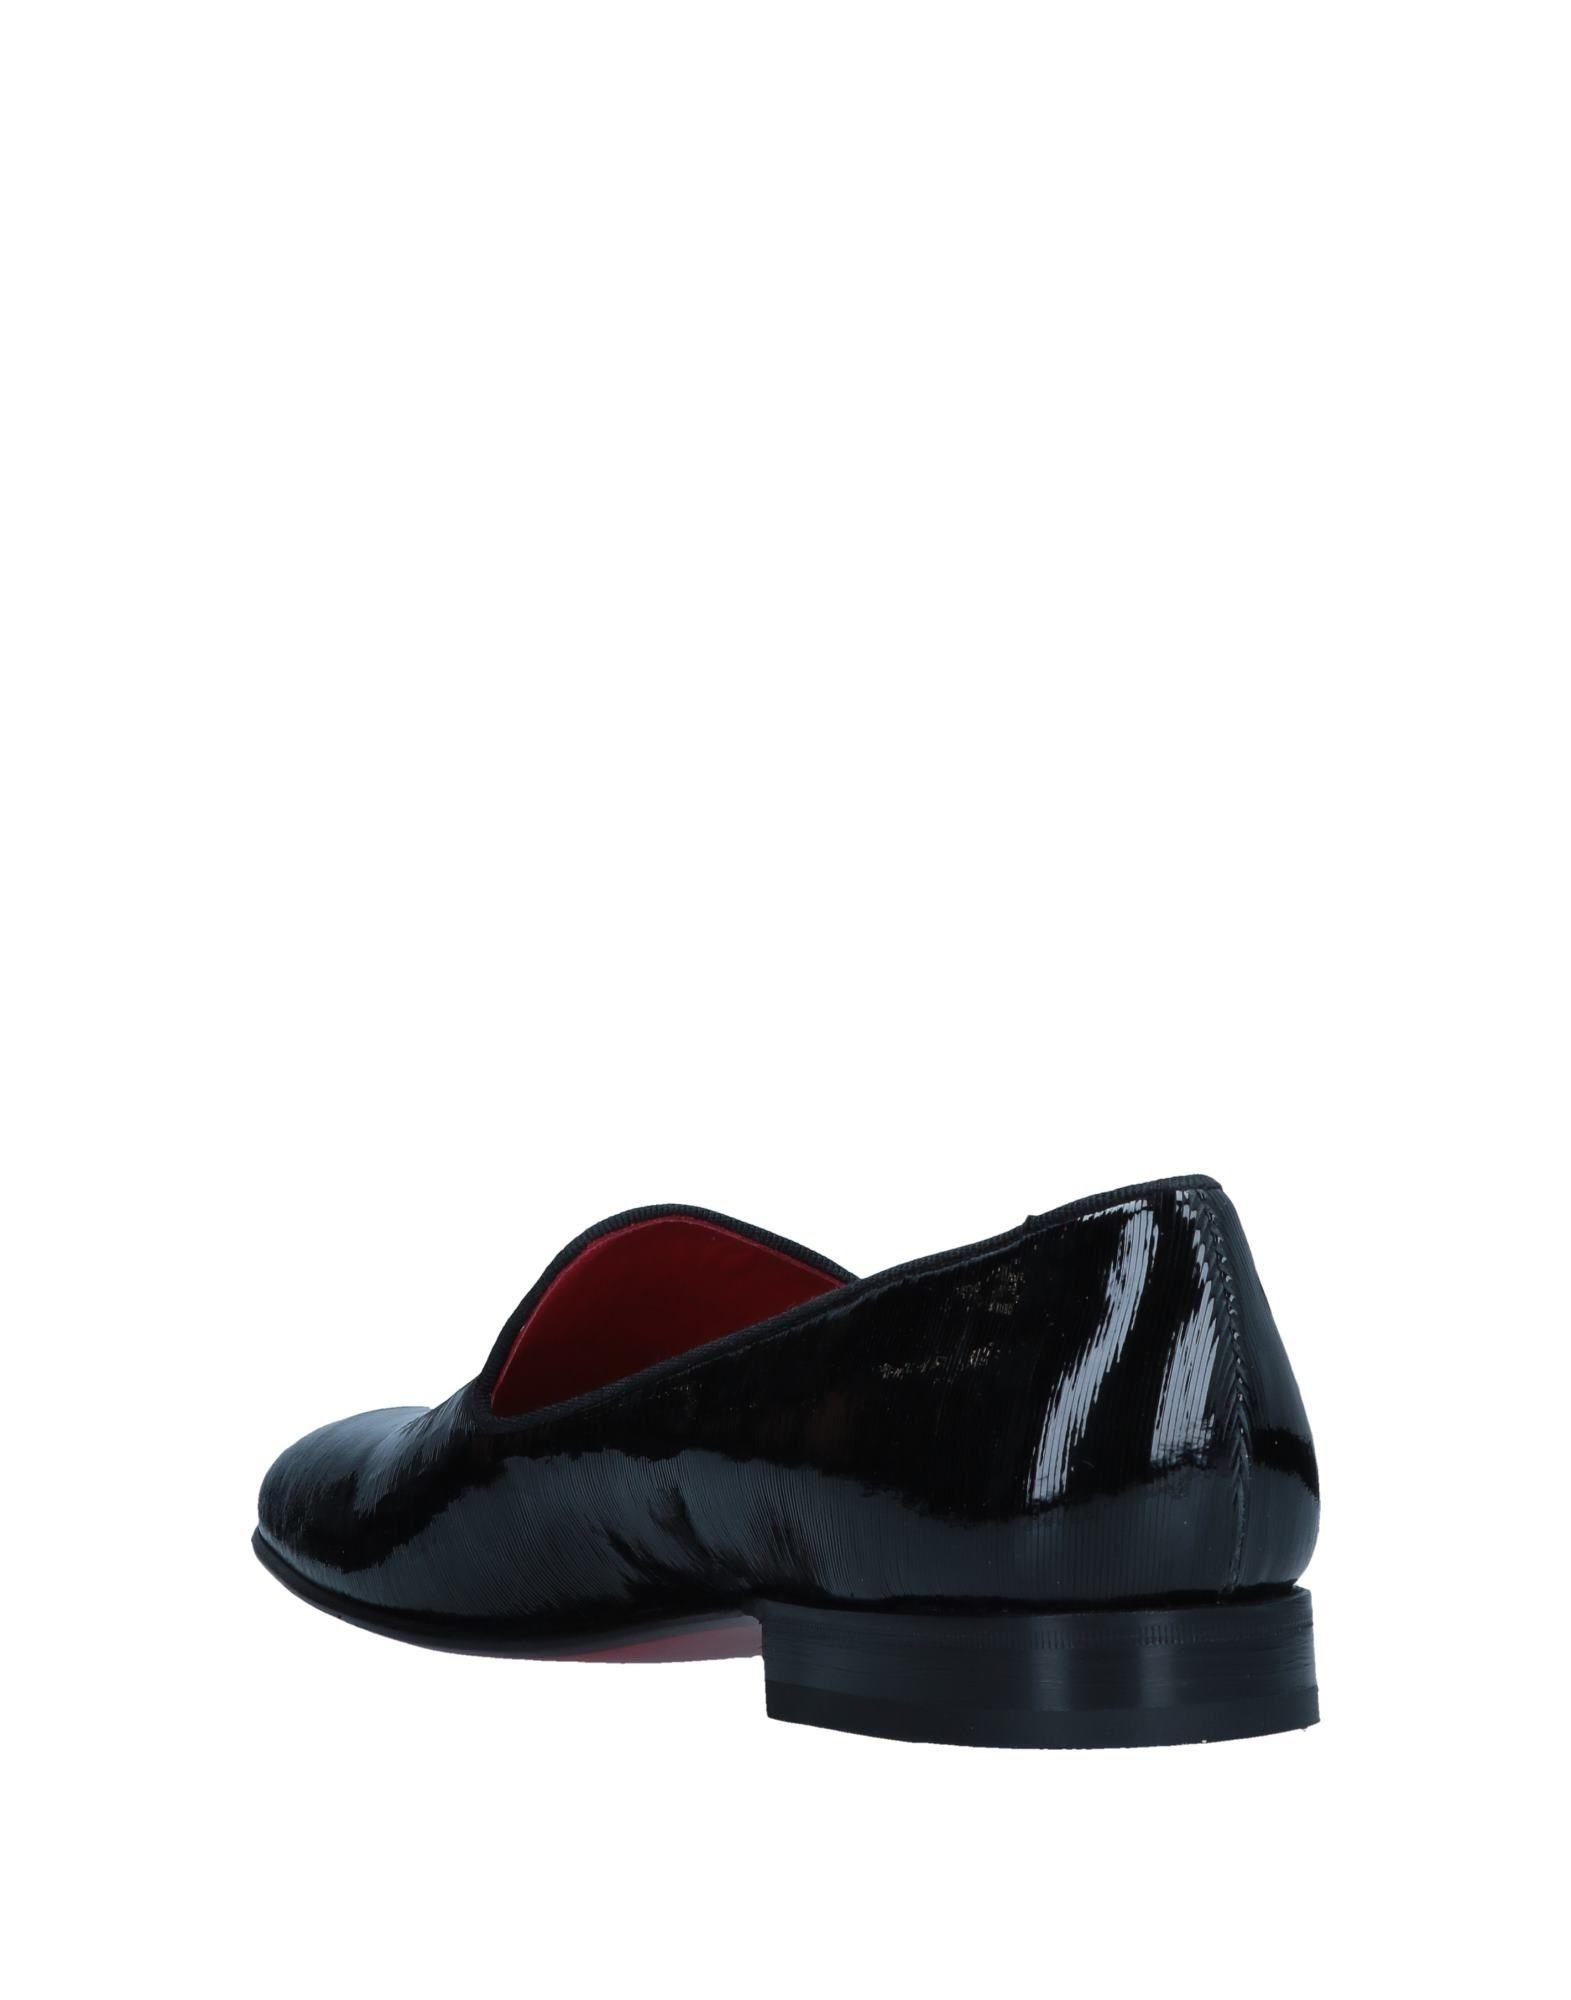 Rabatt echte Schuhe Herren Angel Mokassins Herren Schuhe  11545622WO 50e25a